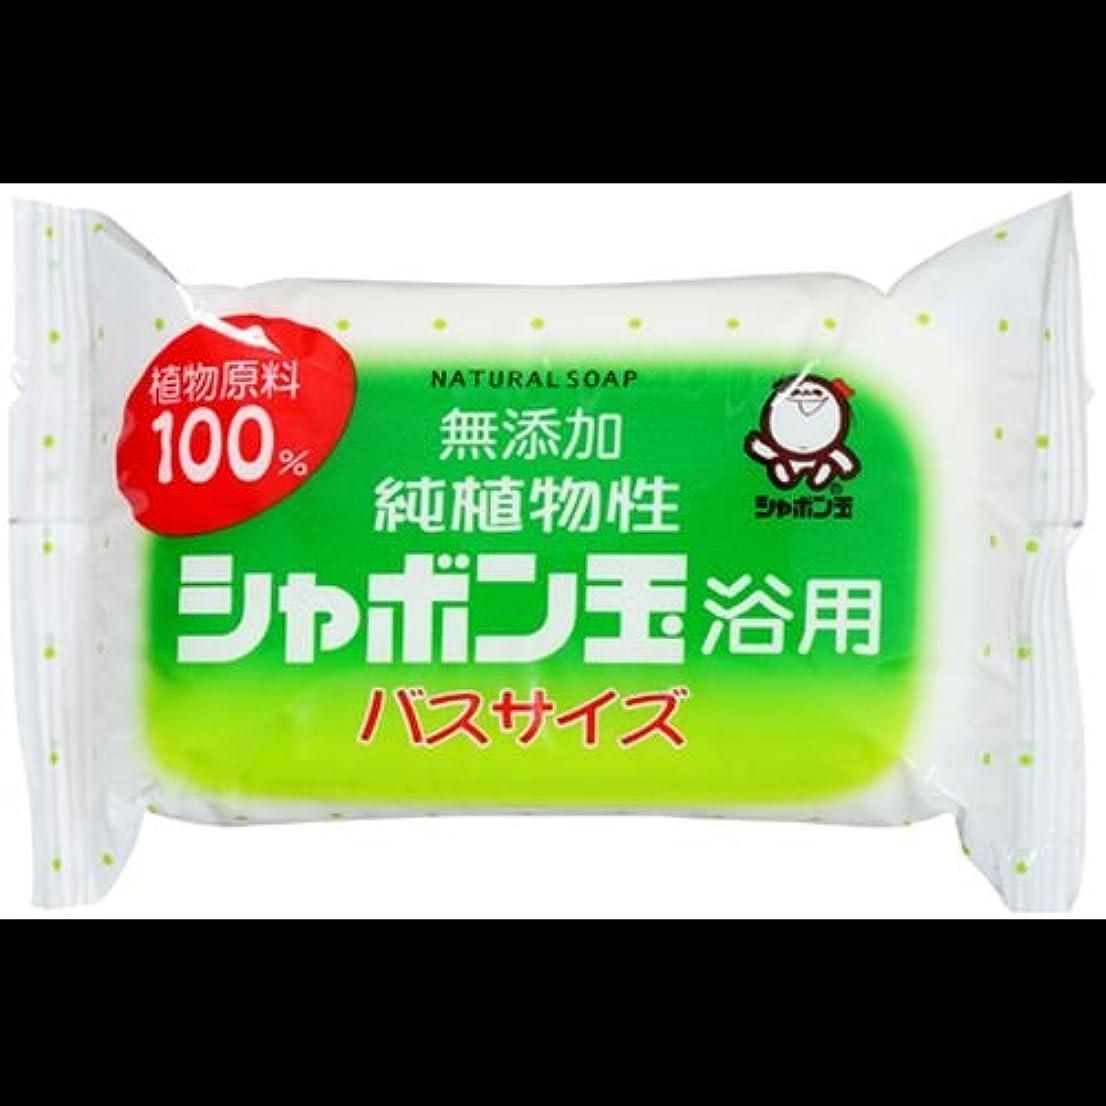 和解する中級エンジニアリング【まとめ買い】純植物性シャボン玉 浴用 バスサイズ155g ×2セット